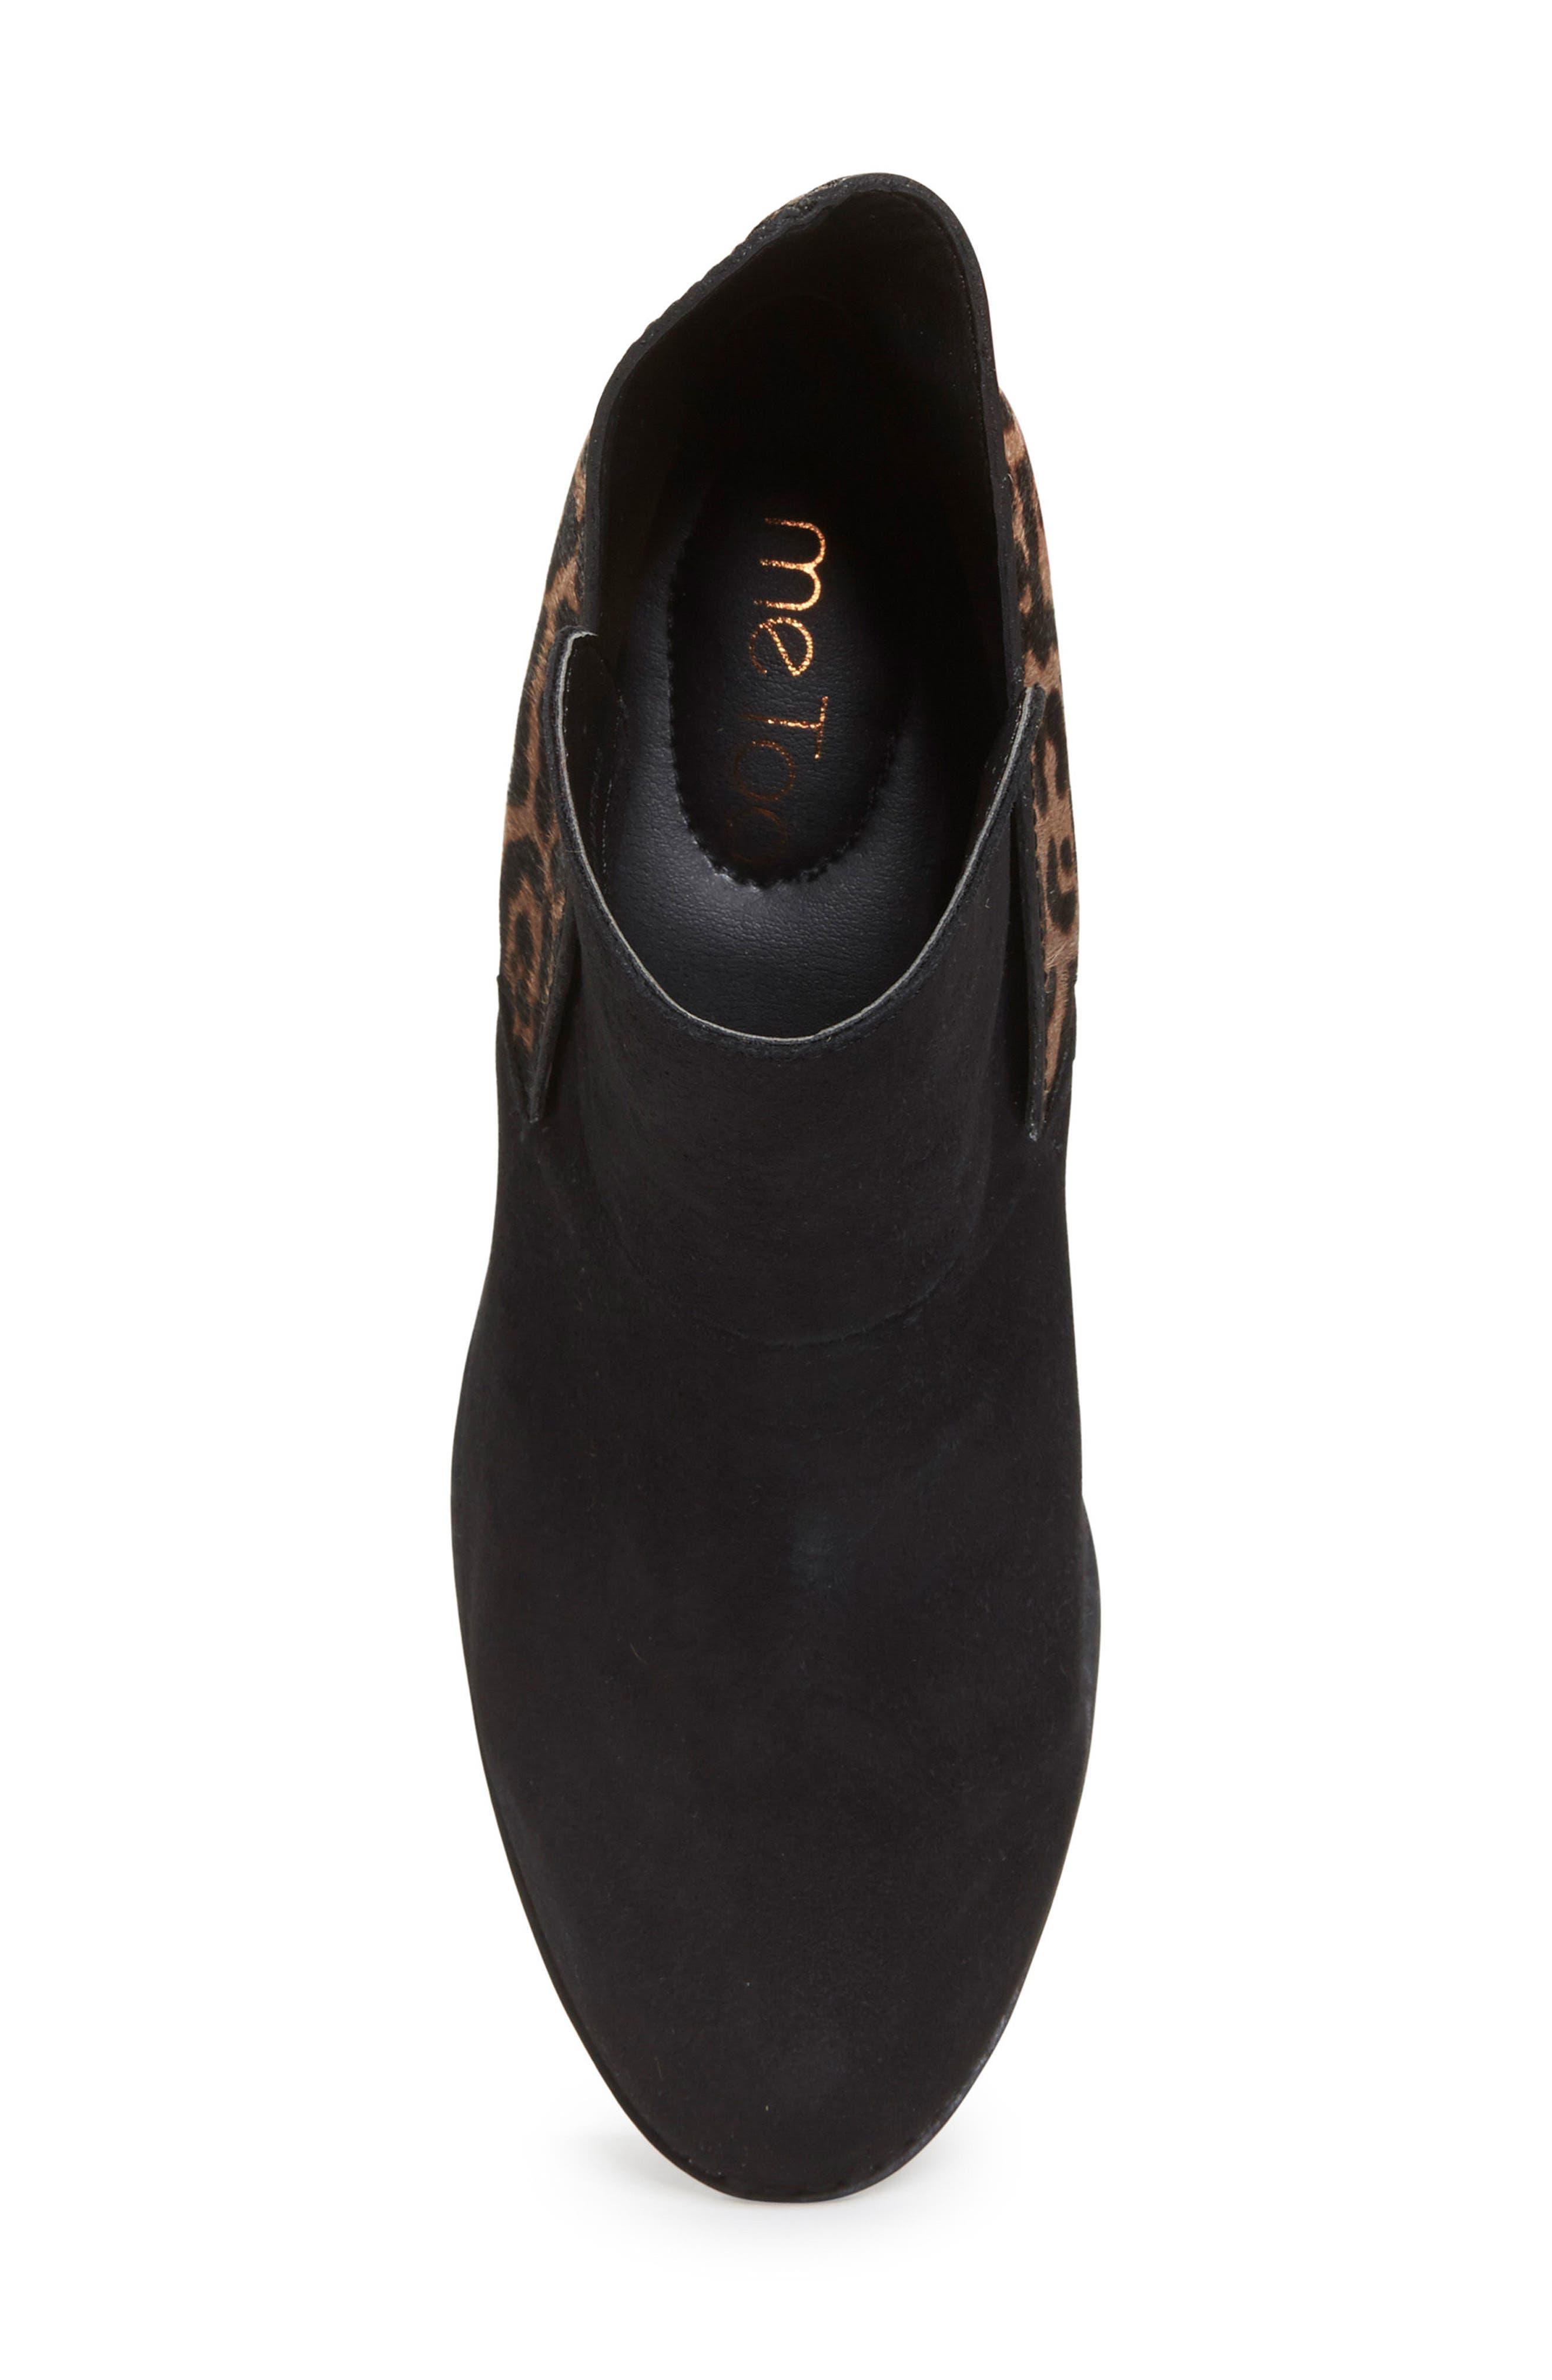 Zena Ankle Boot,                             Alternate thumbnail 5, color,                             Black/ Ash Jaguar Suede